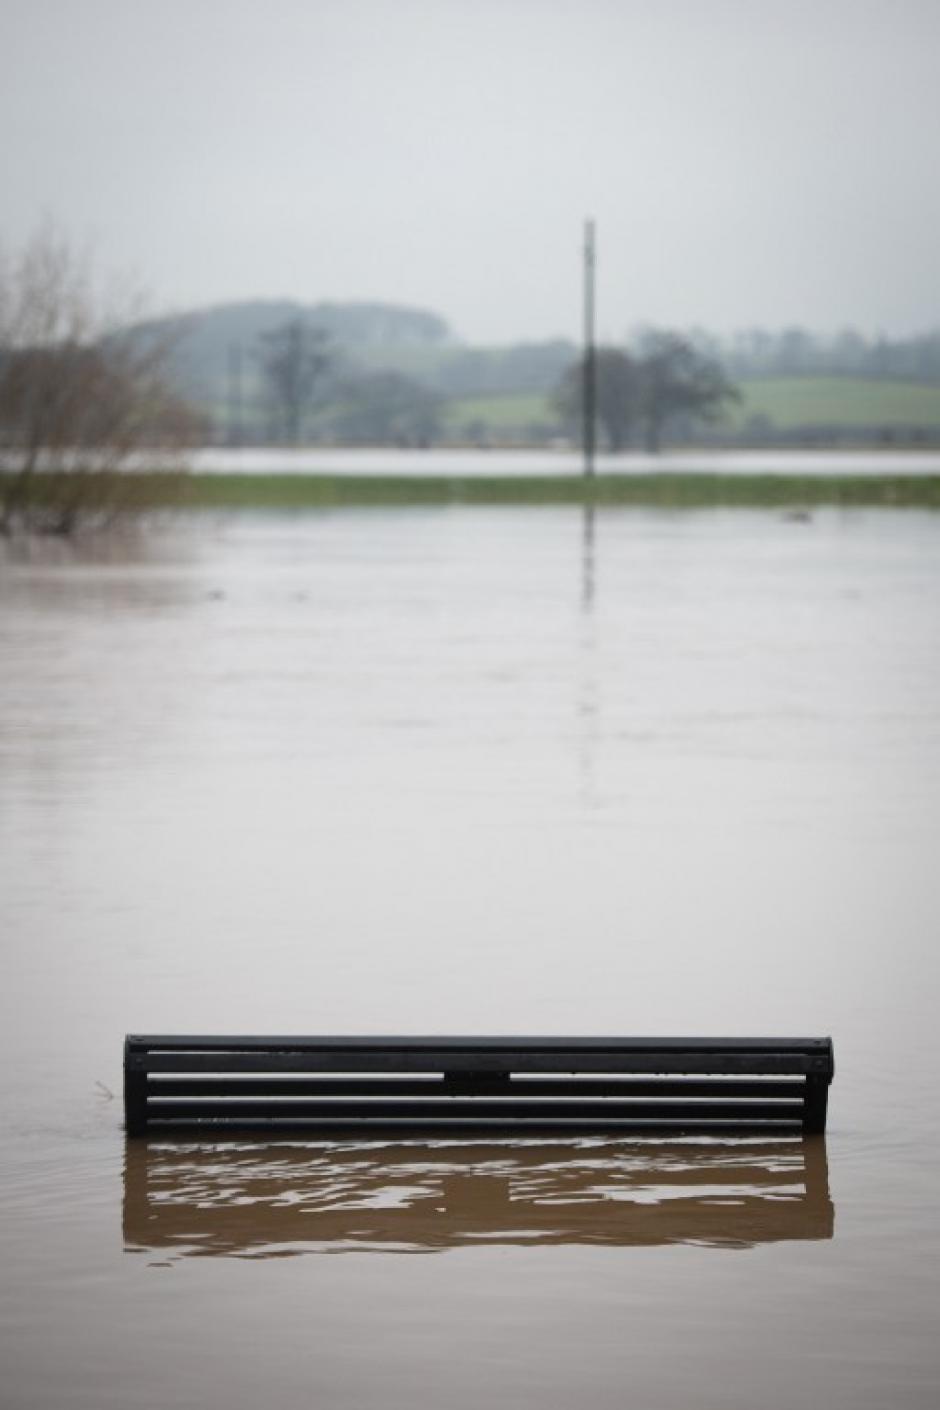 Inglaterra también ha sido afectada por el clima lluvioso. Un banco del parque quedó sumergido por el río Severn en Upton Upon Severn. Los informes meteorológicos indican más tormentas para las próximas 48 horas. AFP PHOTO / LEON NEAL